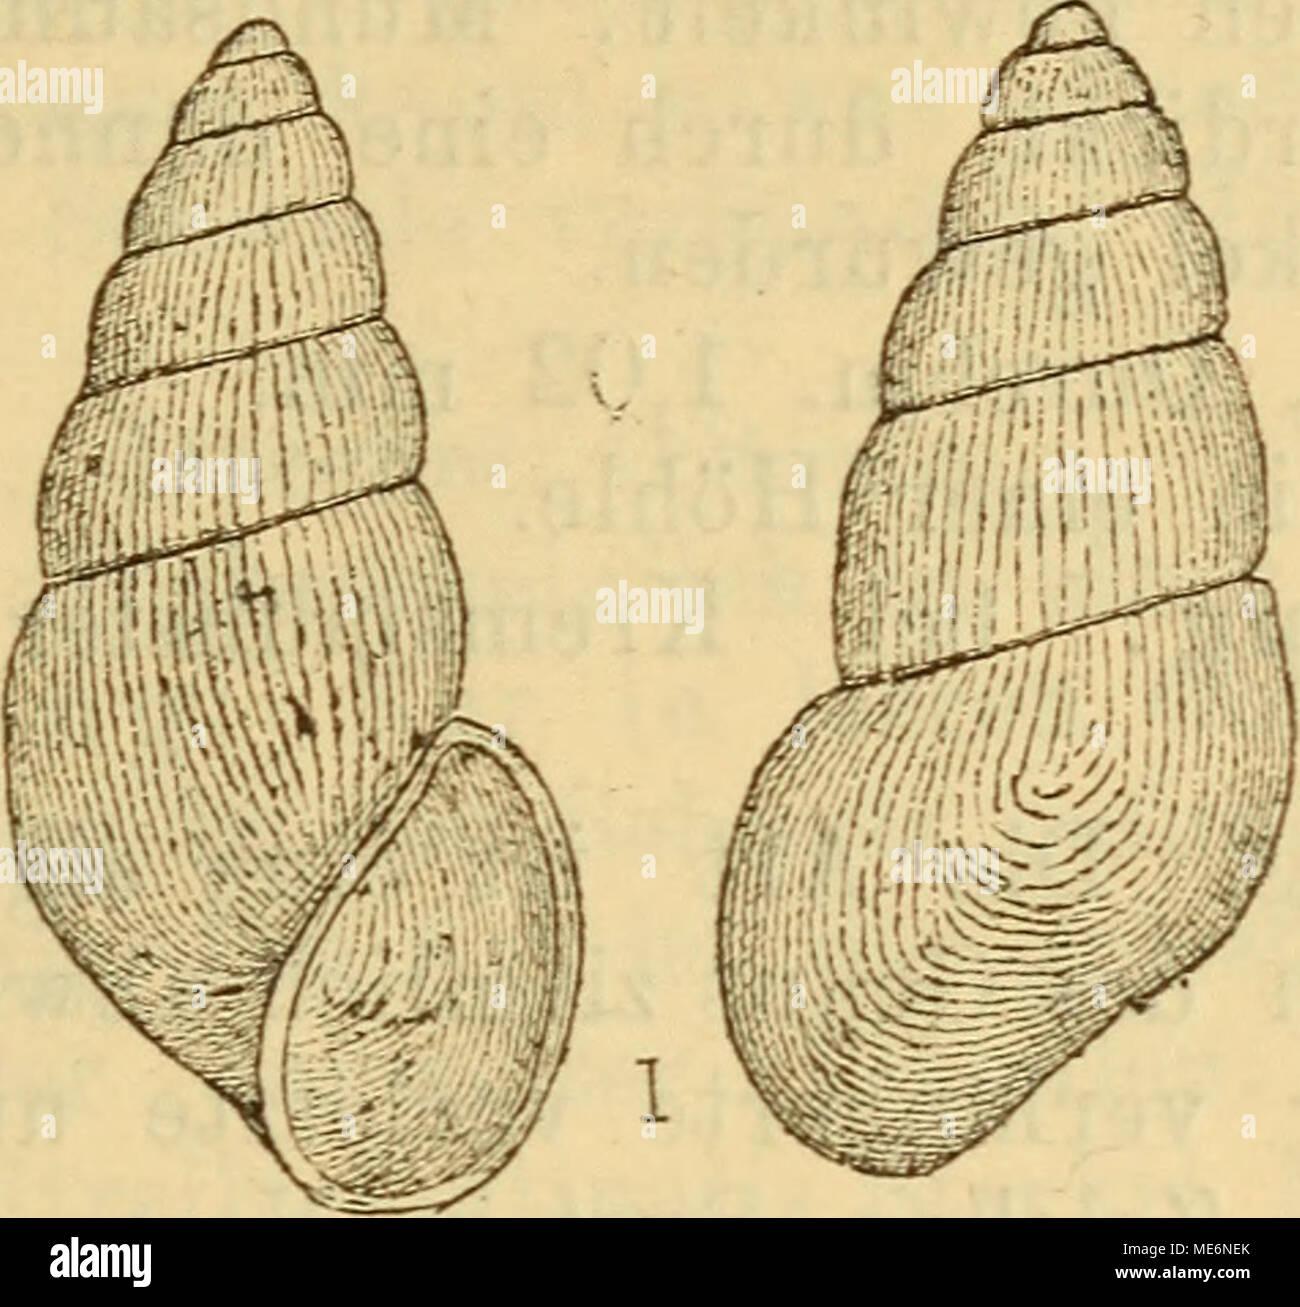 . Die Mollusken-Fauna Mitteleuropa's . Vit. gracilis. Höhe 1,9 mm., Durchm. 0,6 mm. Verbreitung: In Krain im Auswurfe der Bäche. Bemerkung. Die Art ist sehr eigenthümlich und von allen übrigen des Genus leicht zu unterscheiden. 6. Vitrella Pfeifferi n. sp. Thier: nicht beschrieben. Fig. 423, Stock Photo